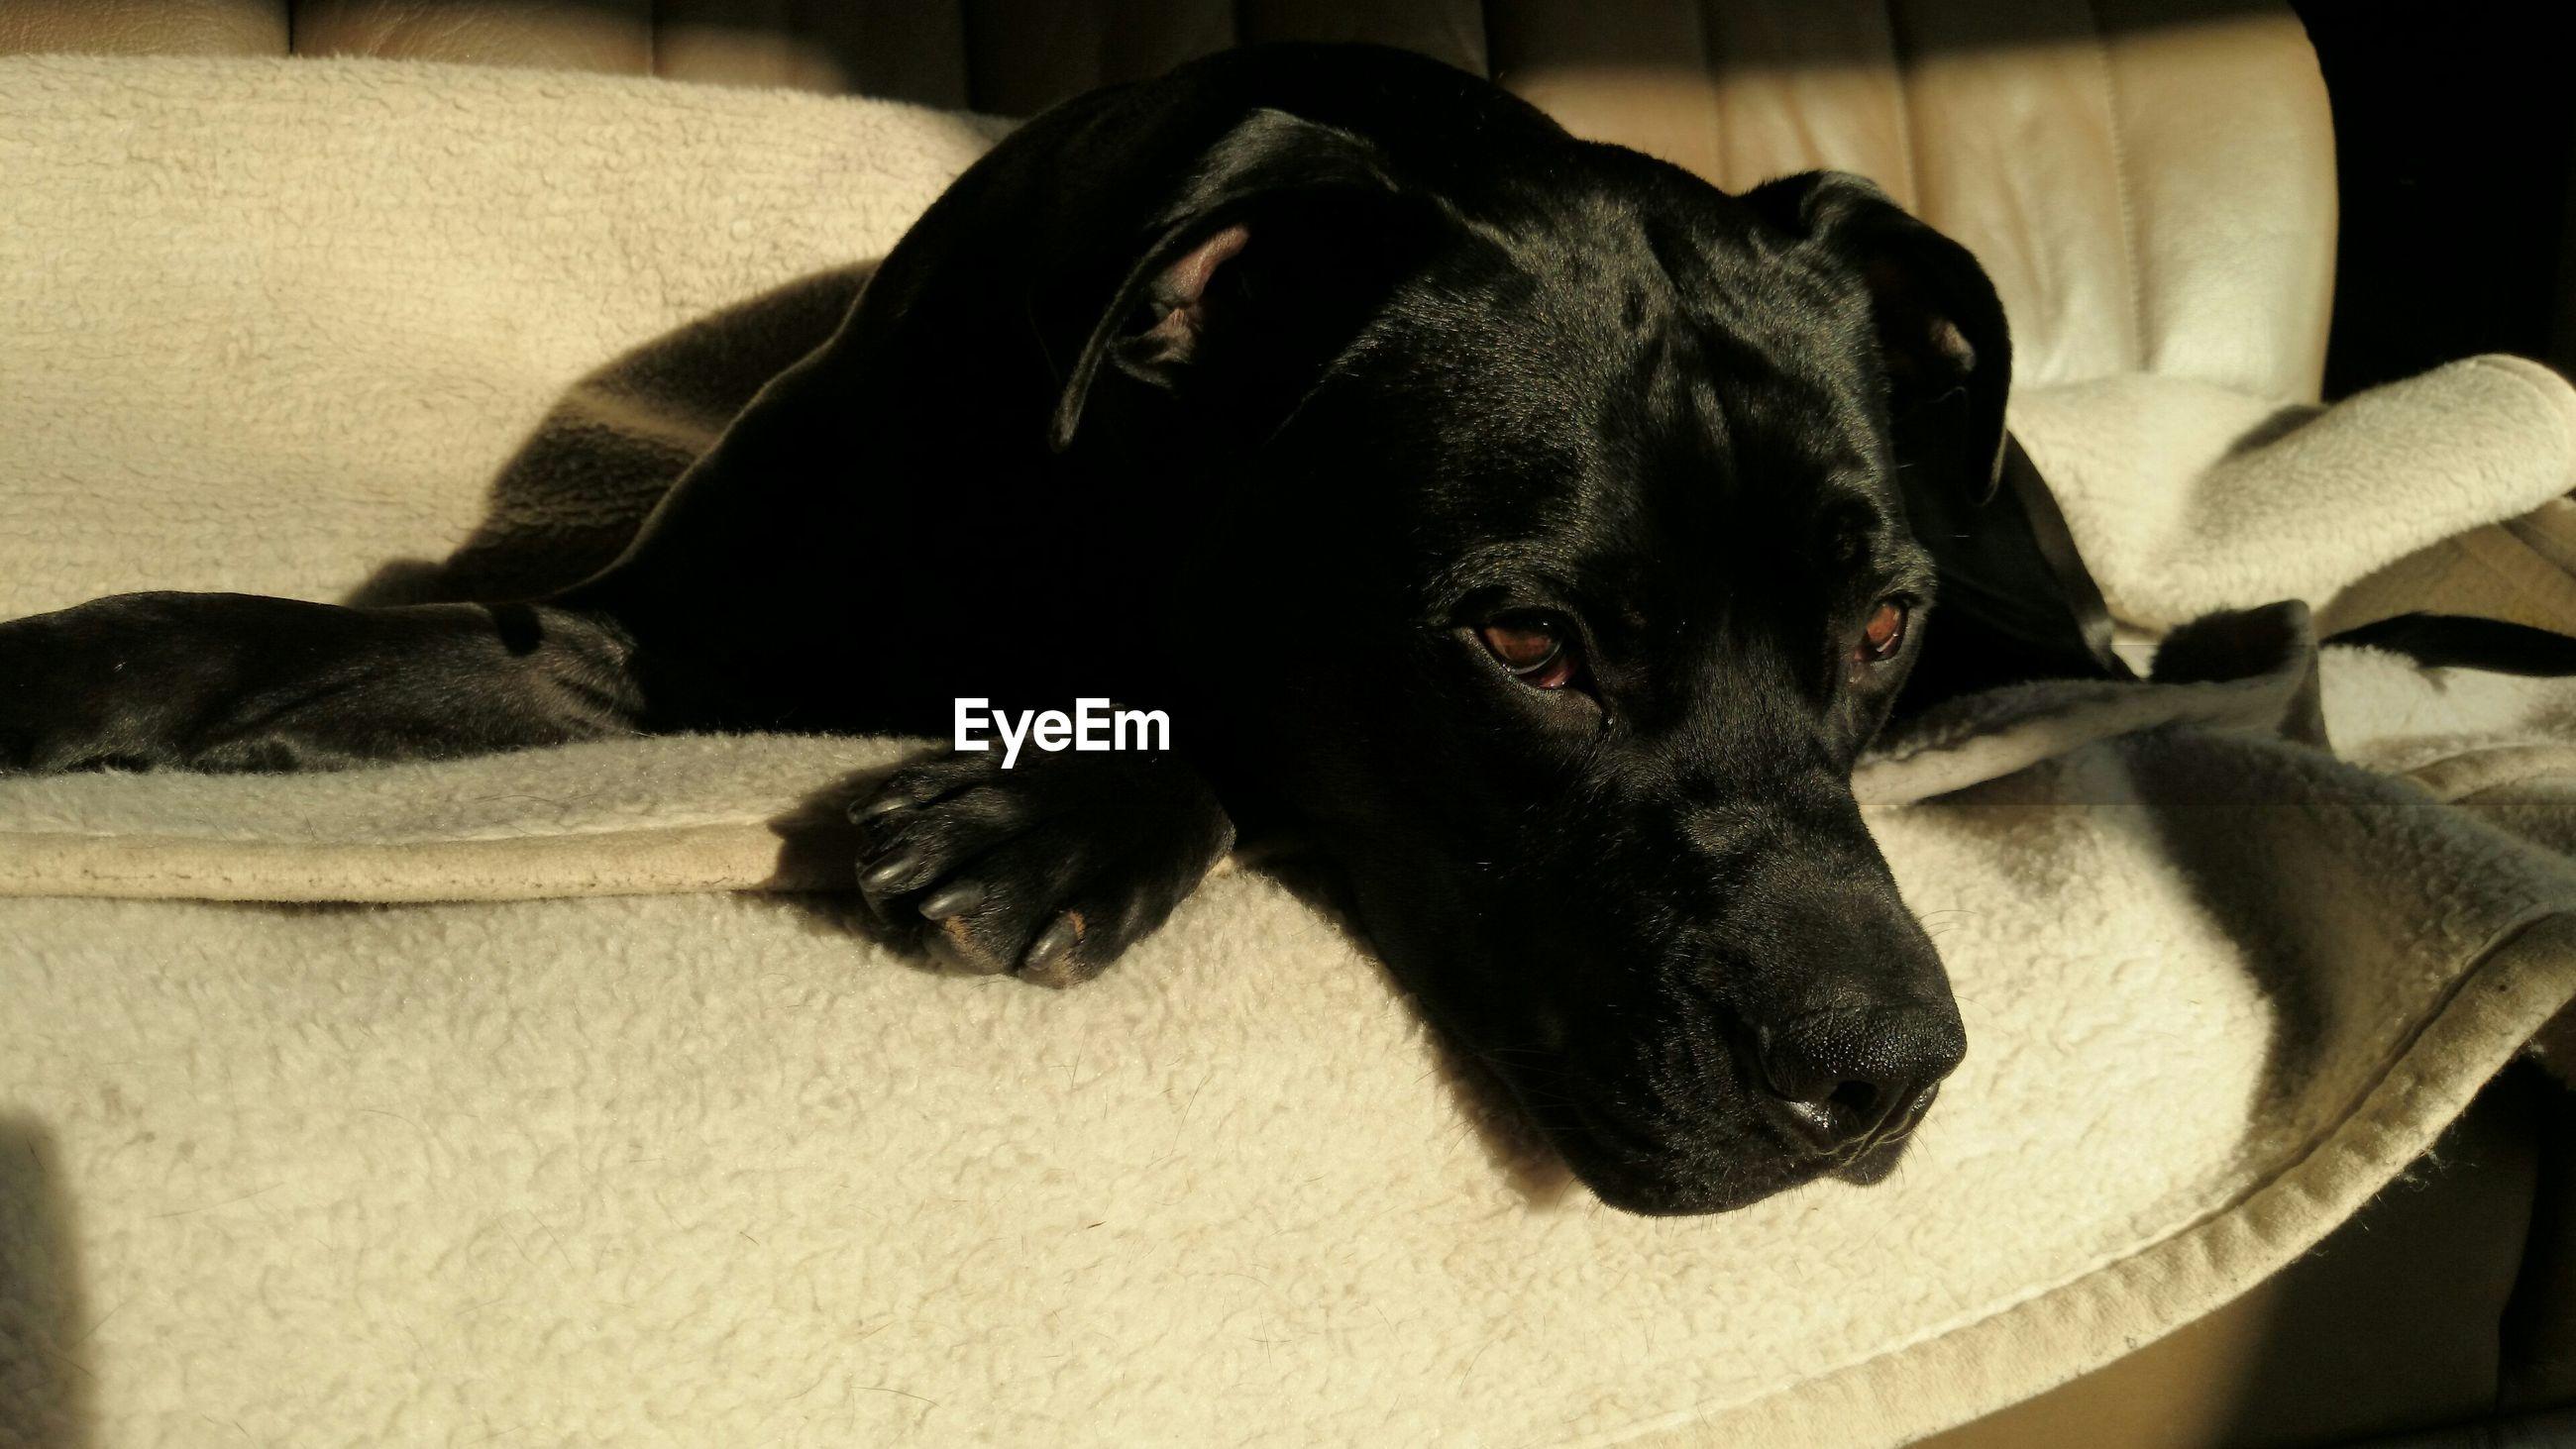 Low Angle View Of Black Dog Lying On Sofa